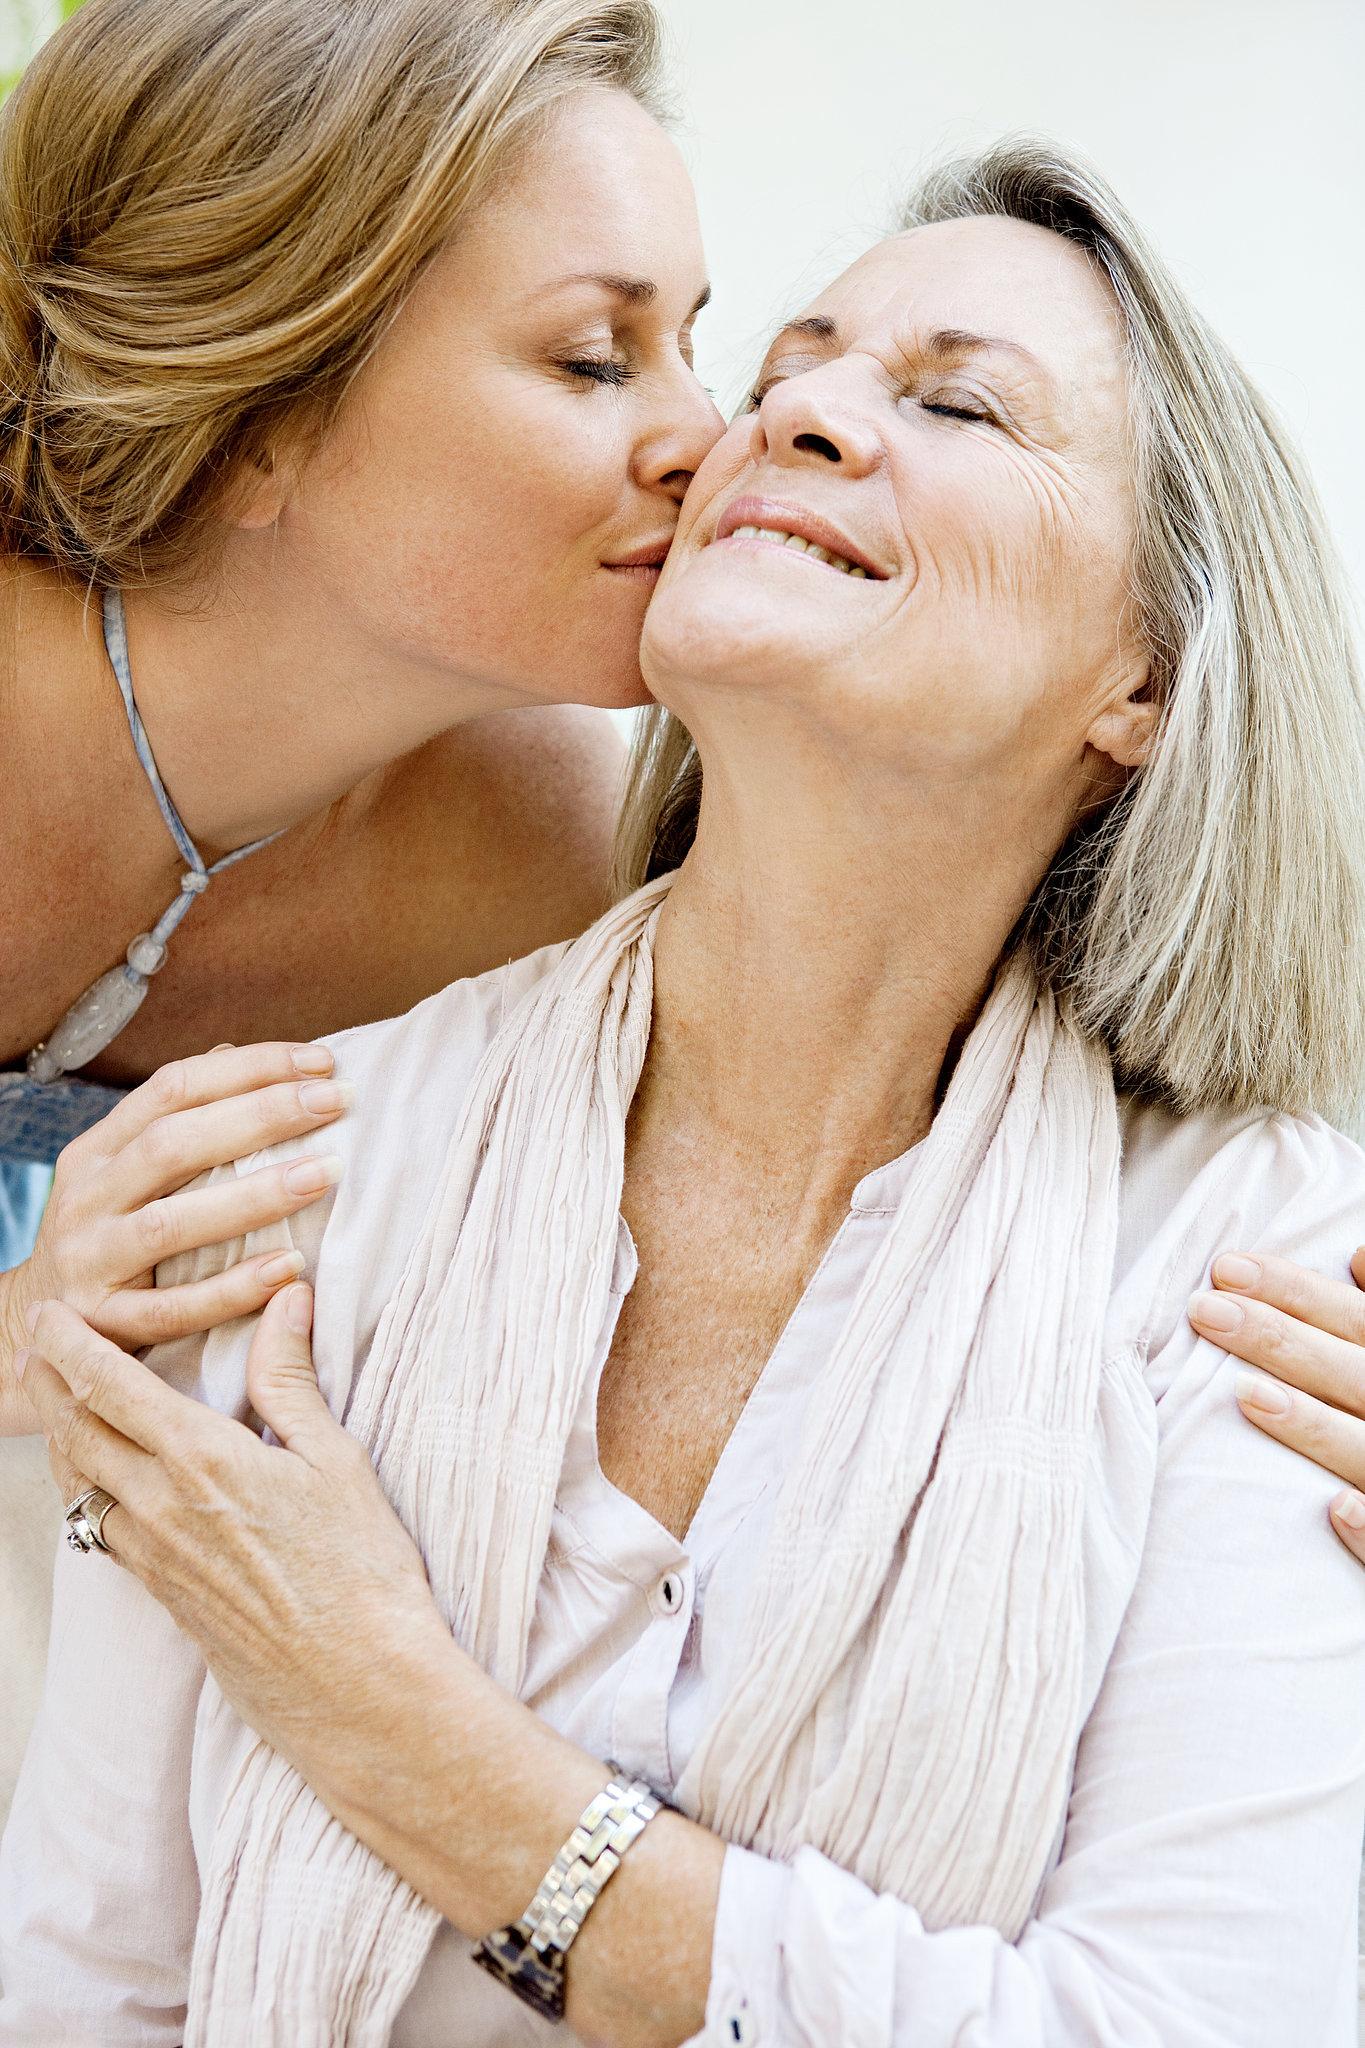 С мамой по взрослому 2 фотография